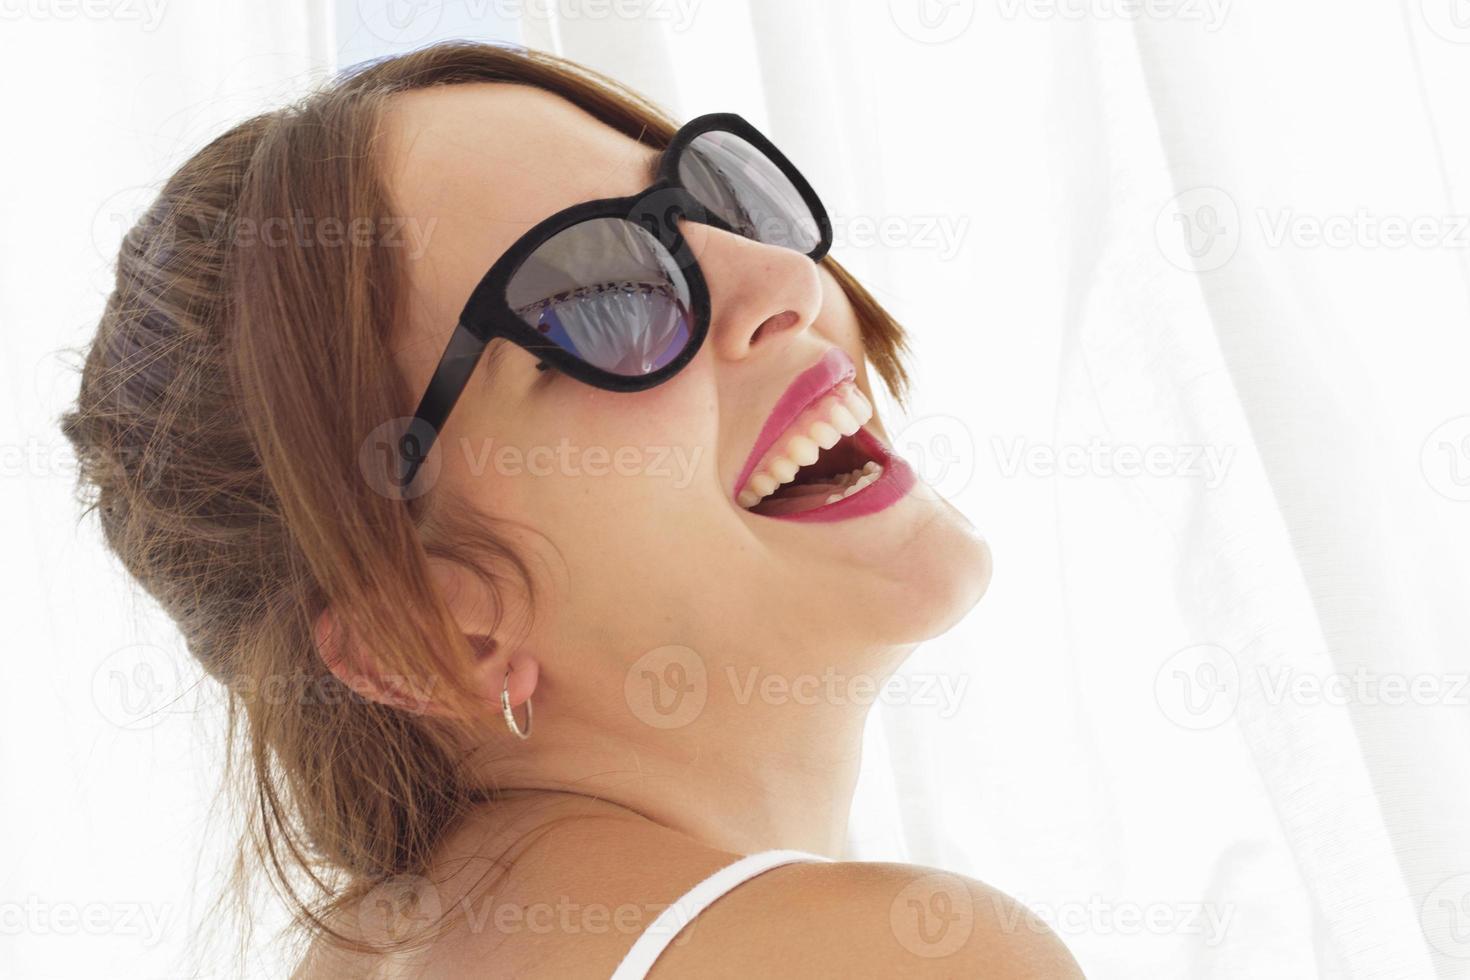 jovem mulher rindo, com óculos de sol foto